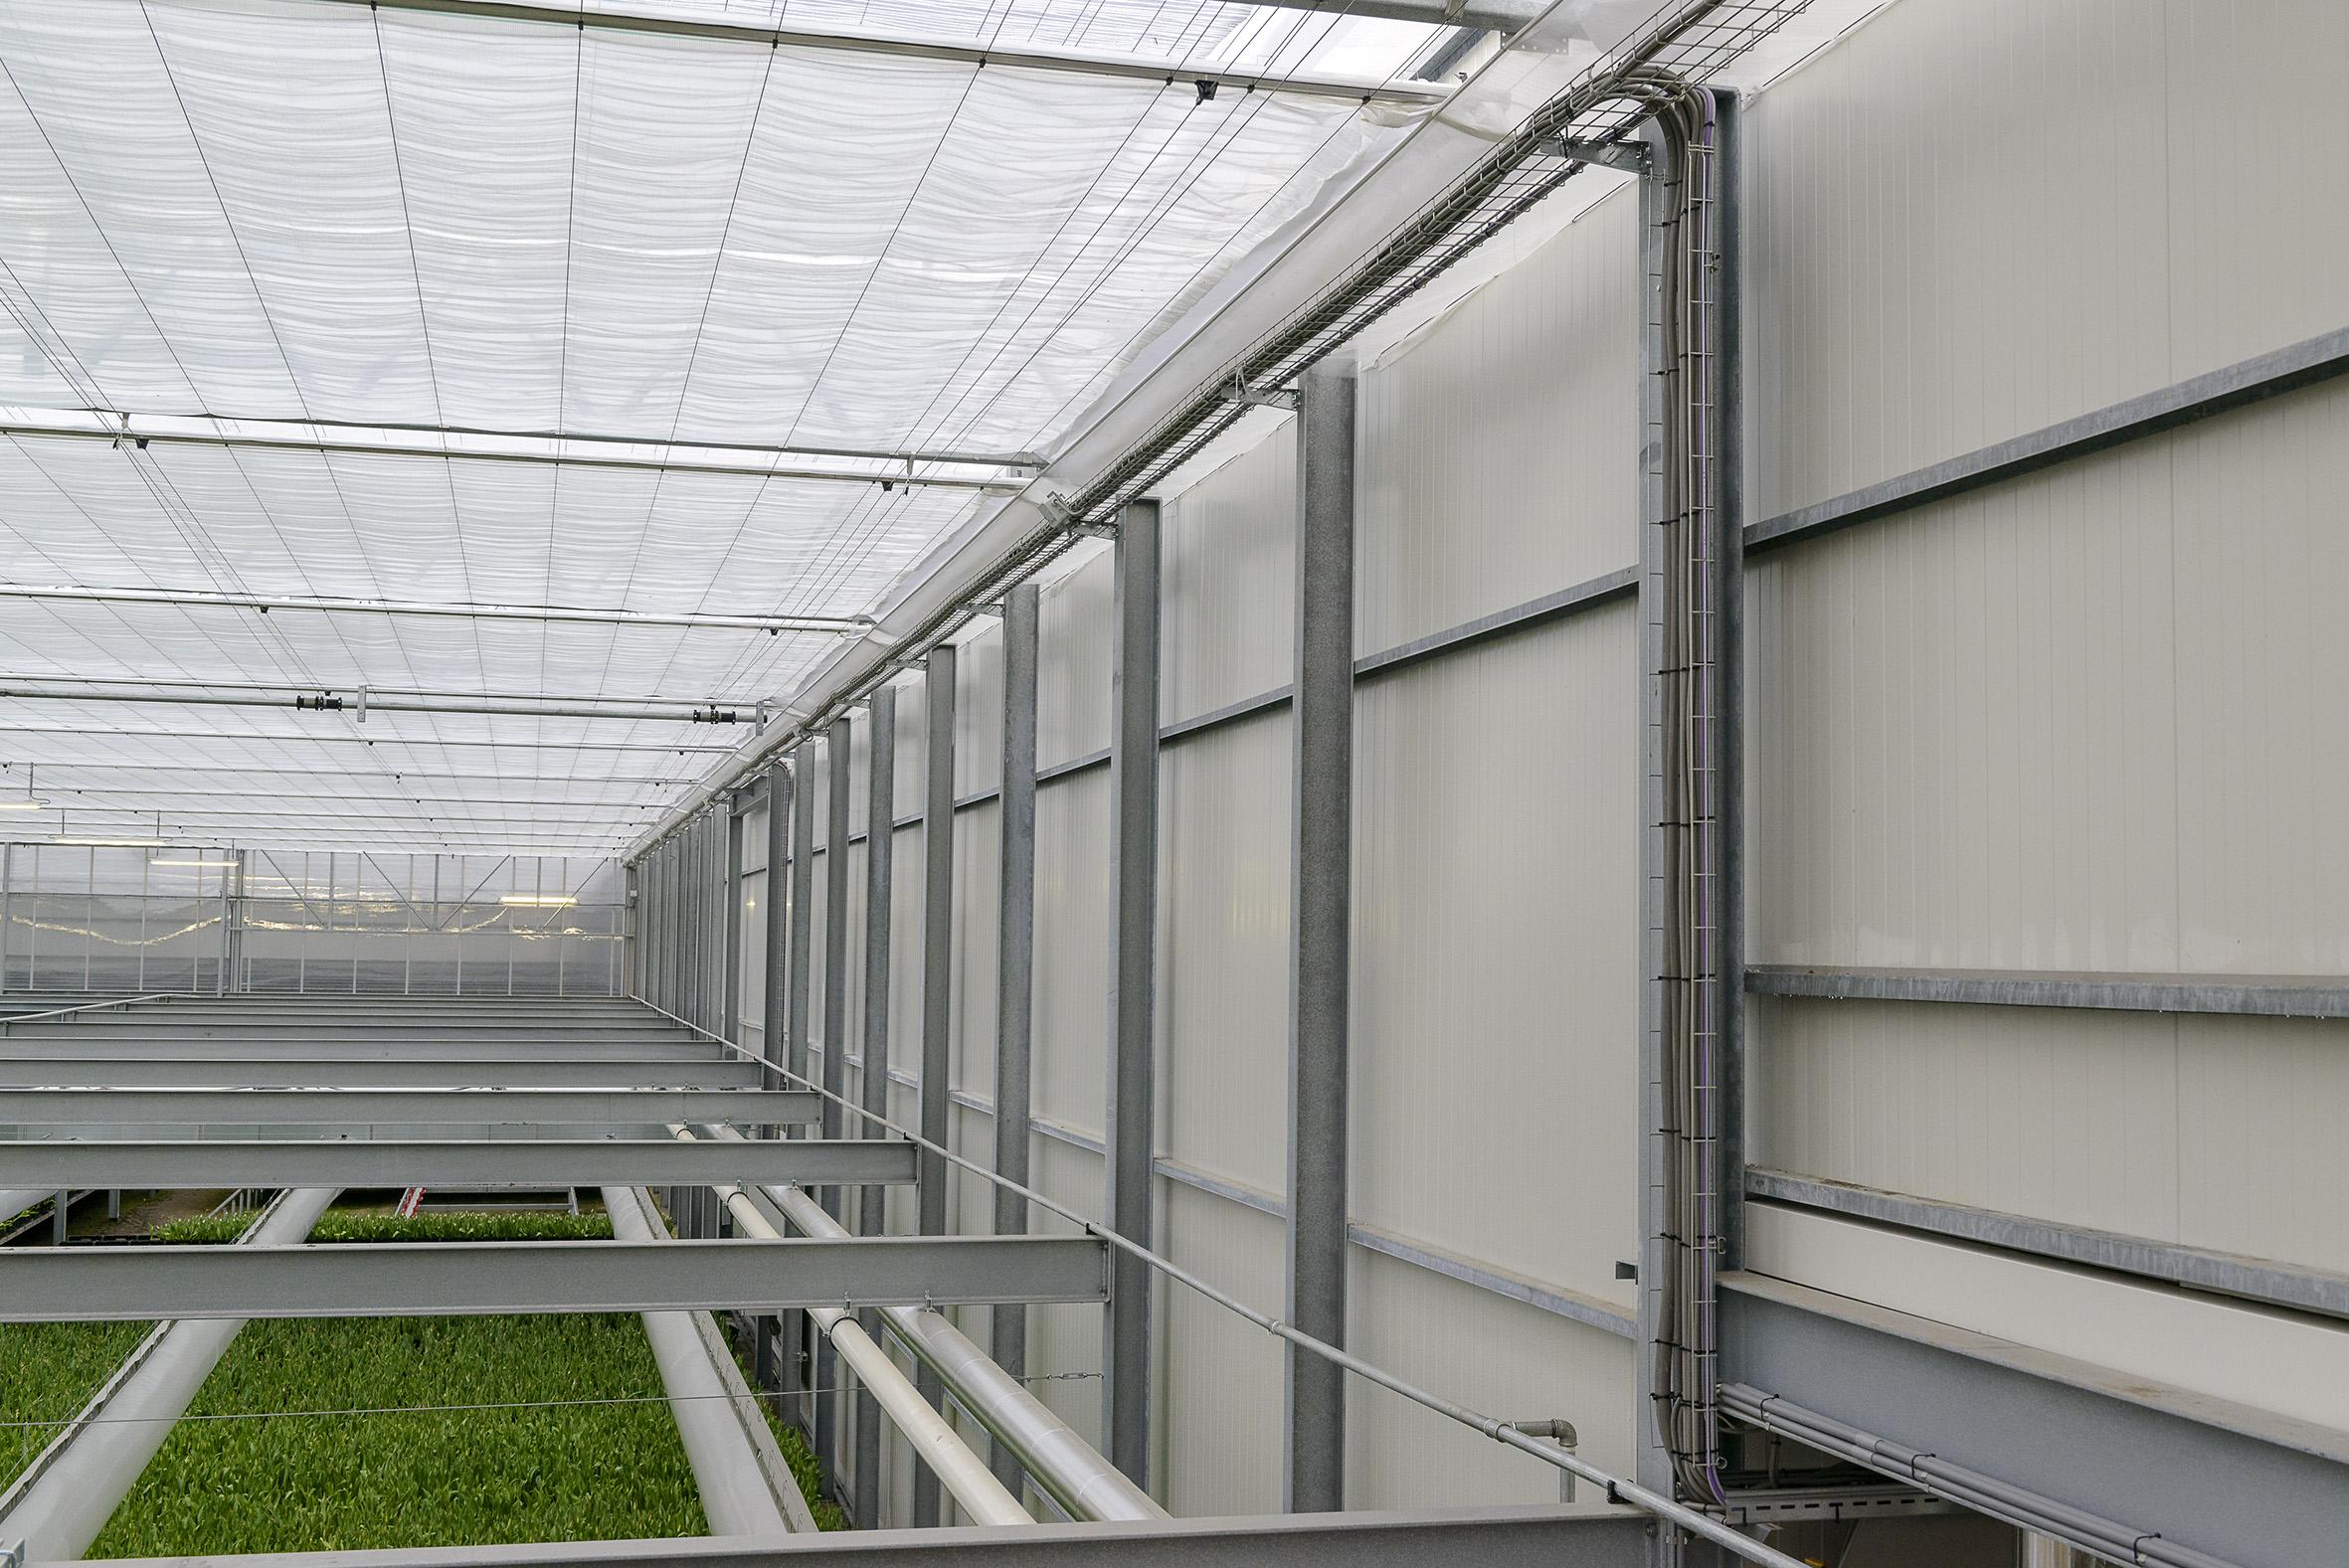 Elektrische installaties voor de landbouwsector